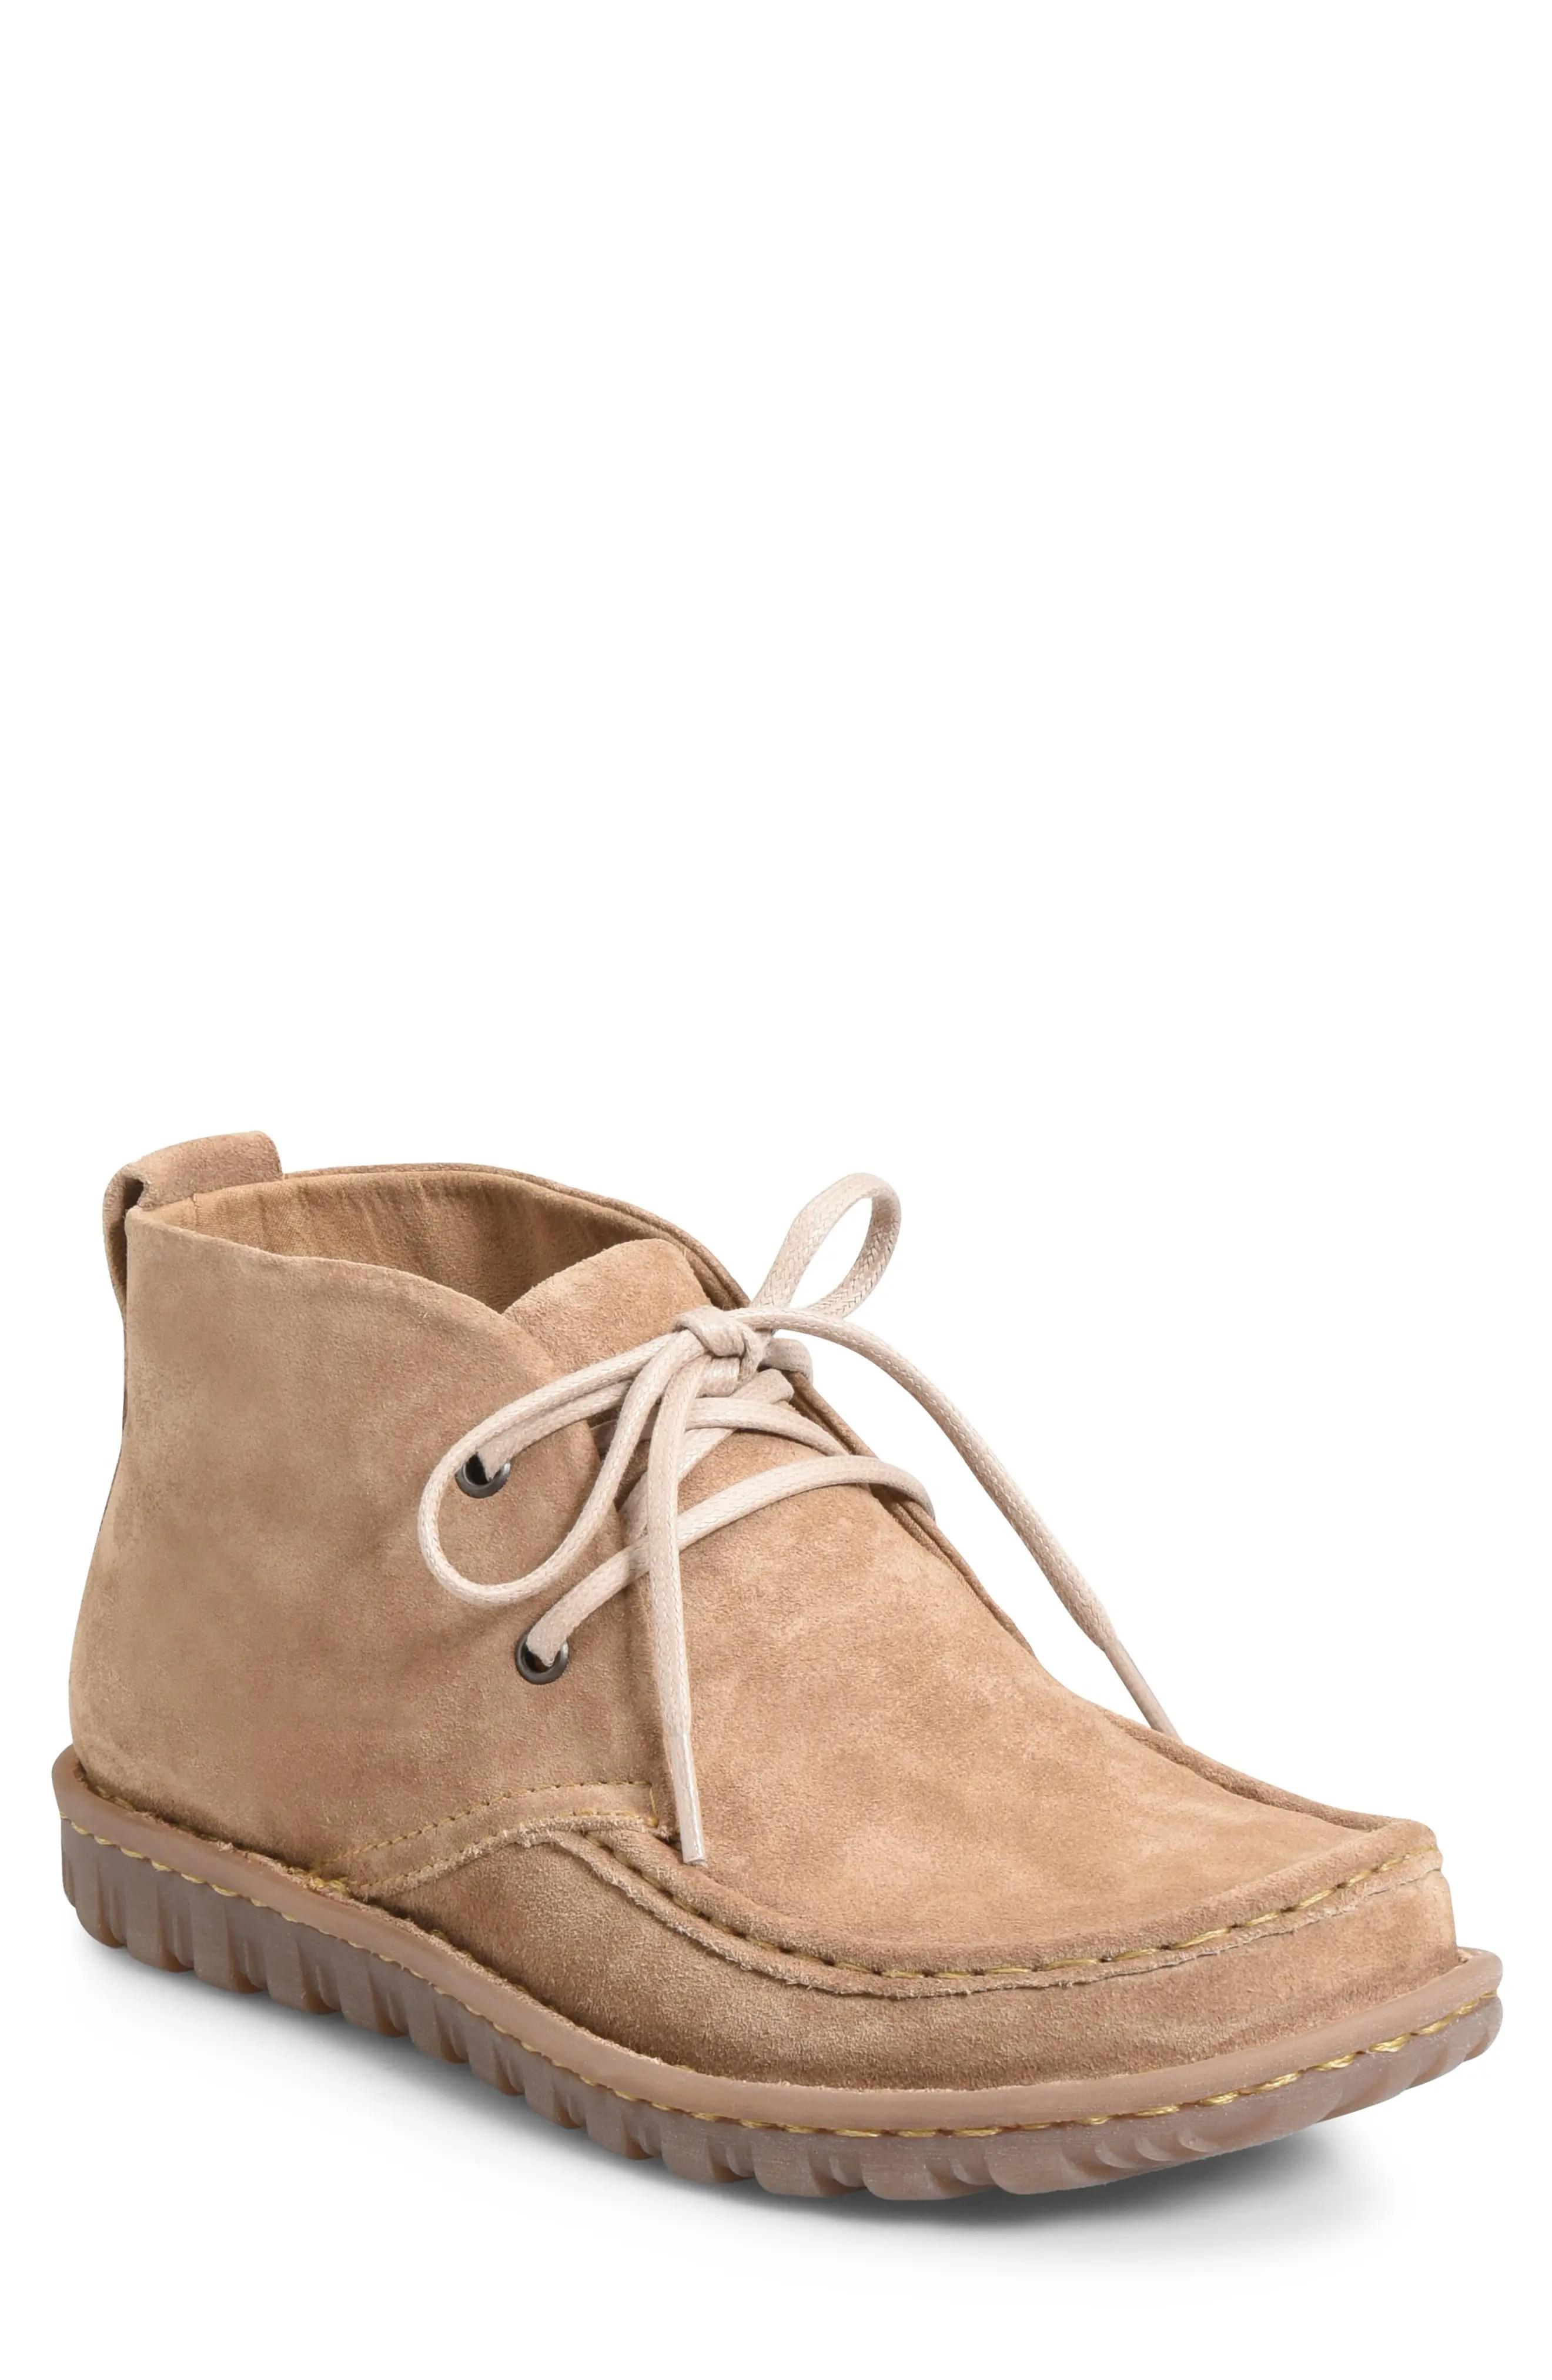 glenwood chukka boot